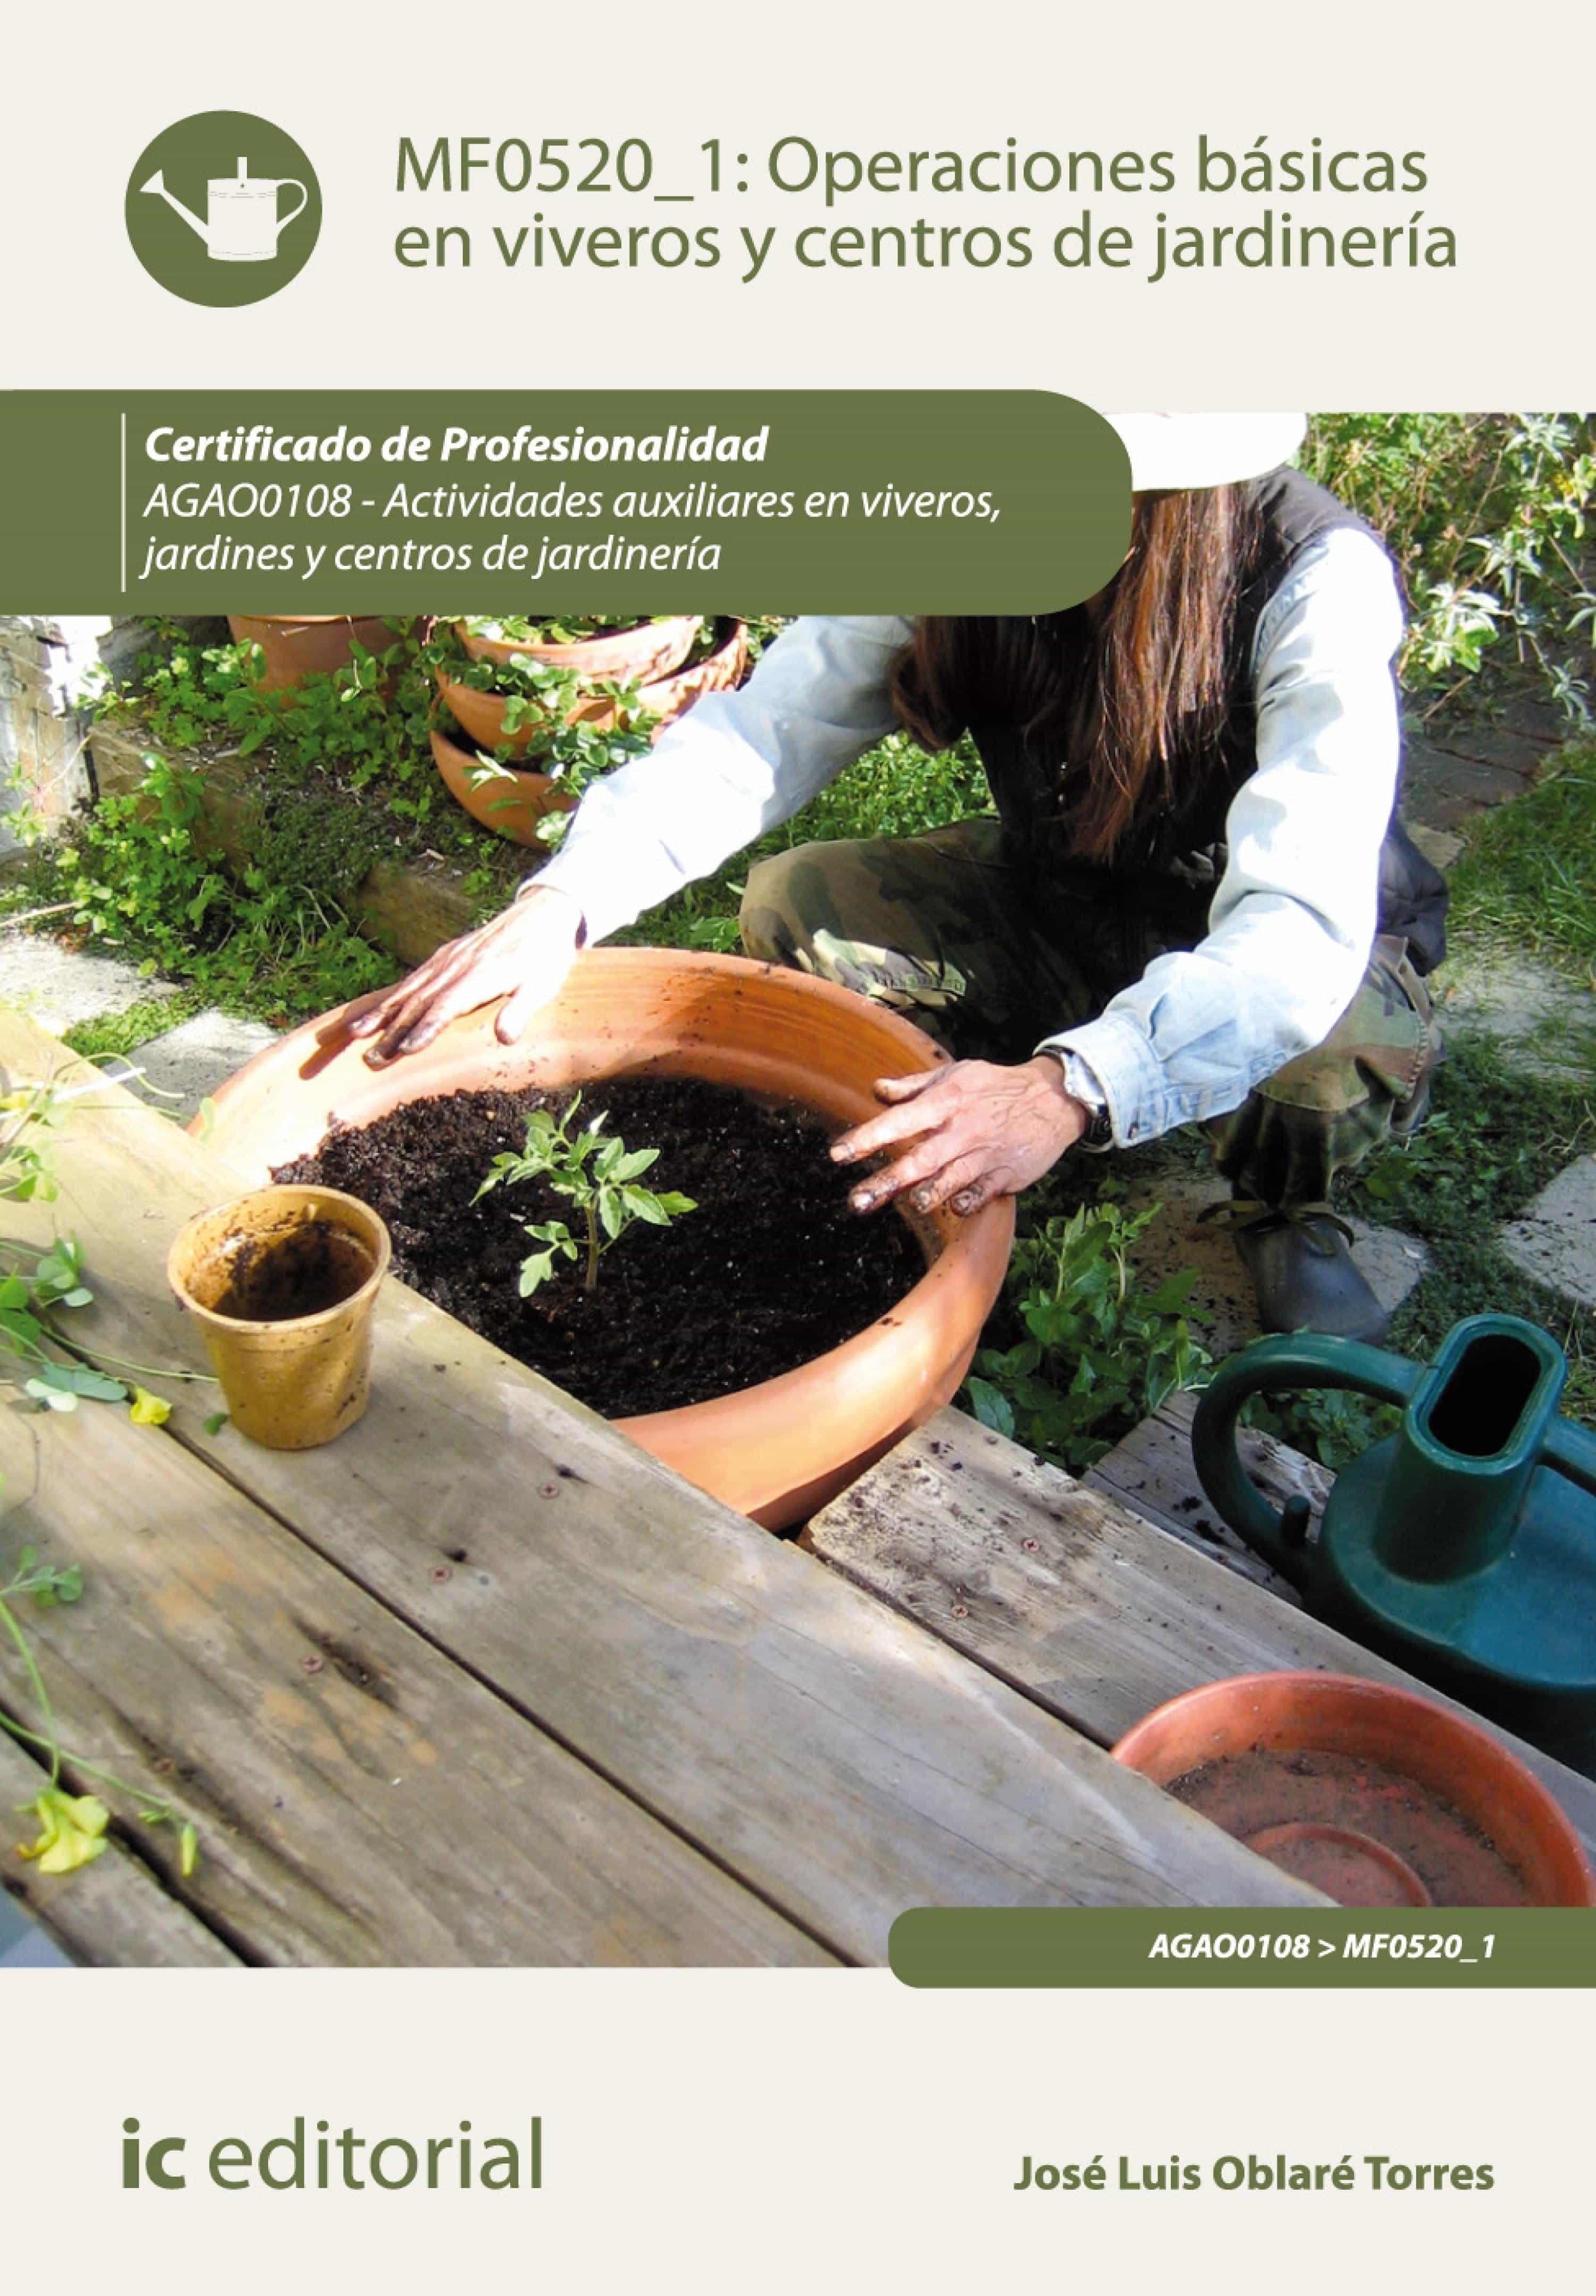 Operaciones b sicas en viveros y centros de jardiner a for Centro de jardineria